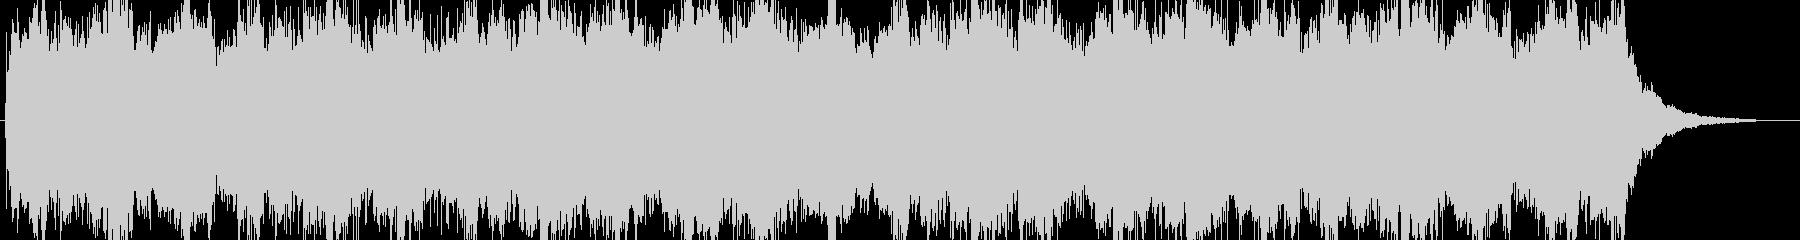 フレンチホルン、ローブラス、トラン...の未再生の波形